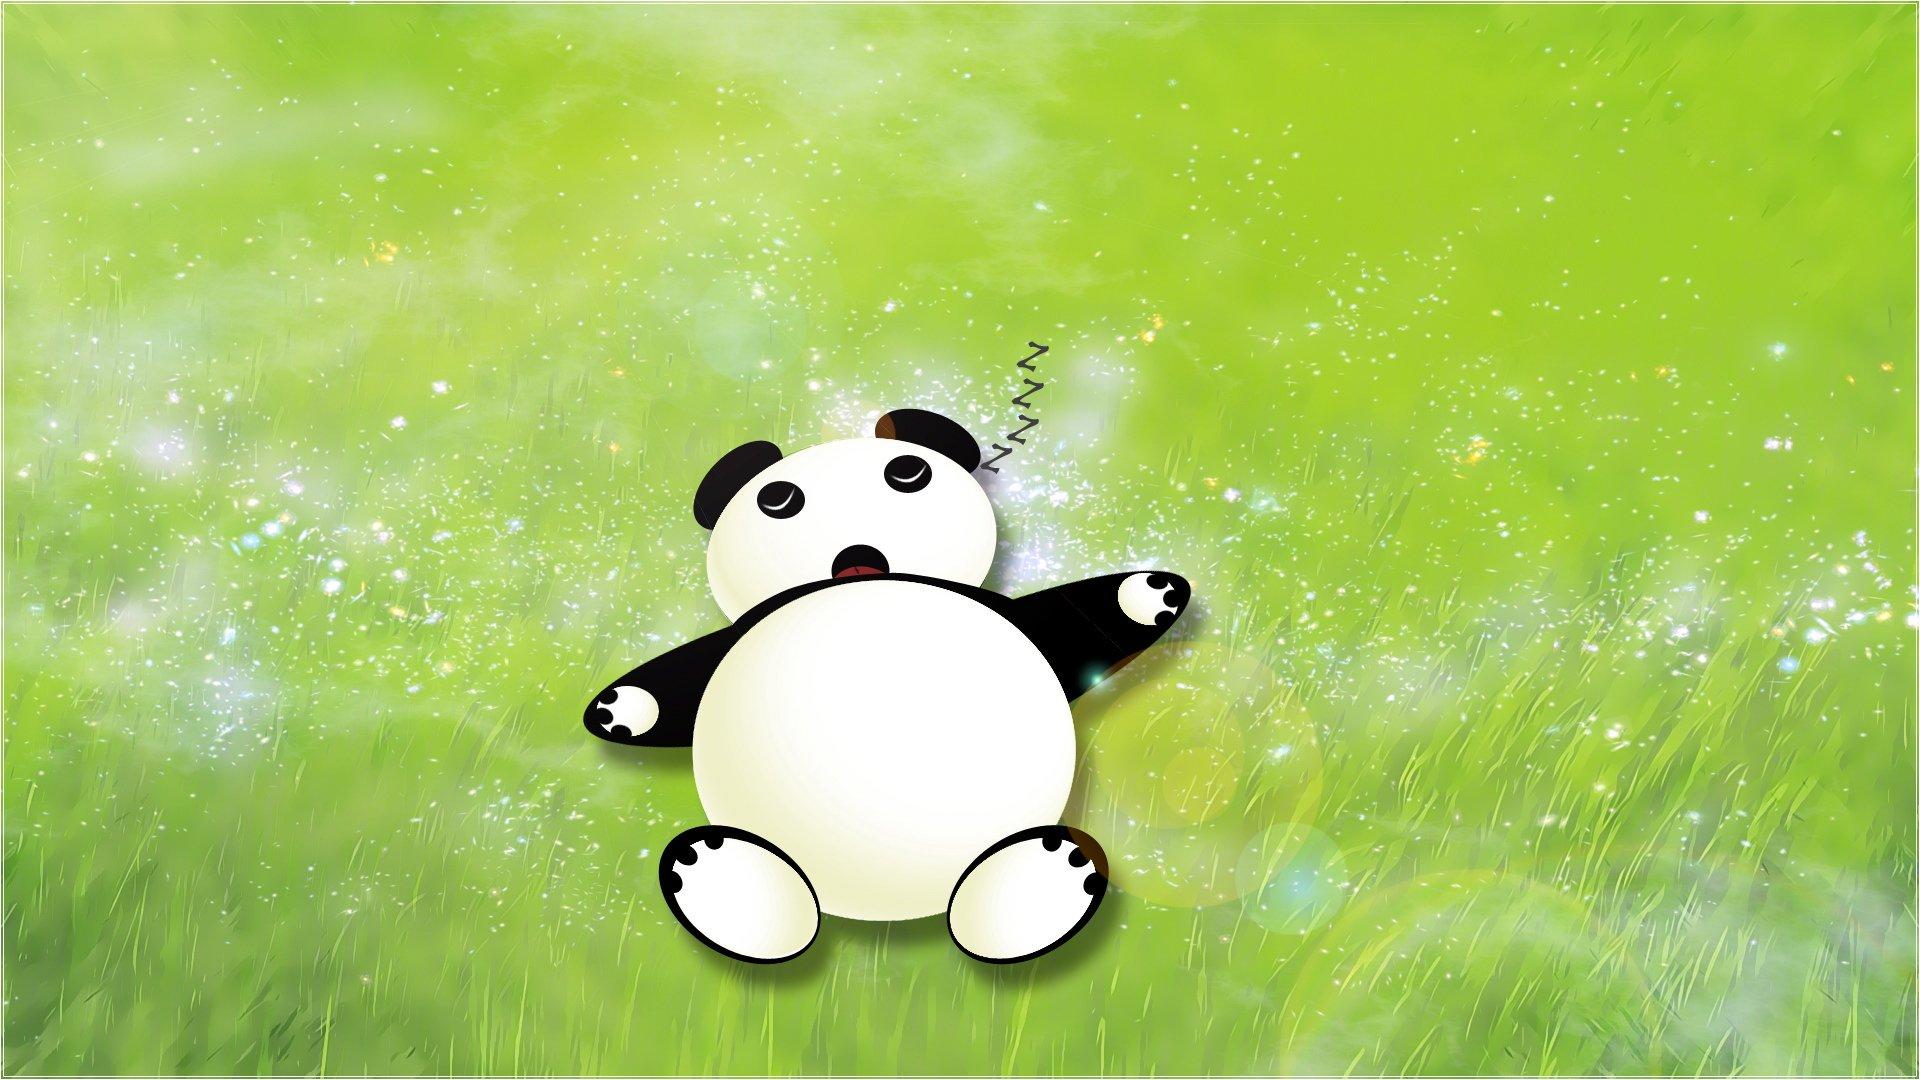 手机壁纸可爱简约熊猫